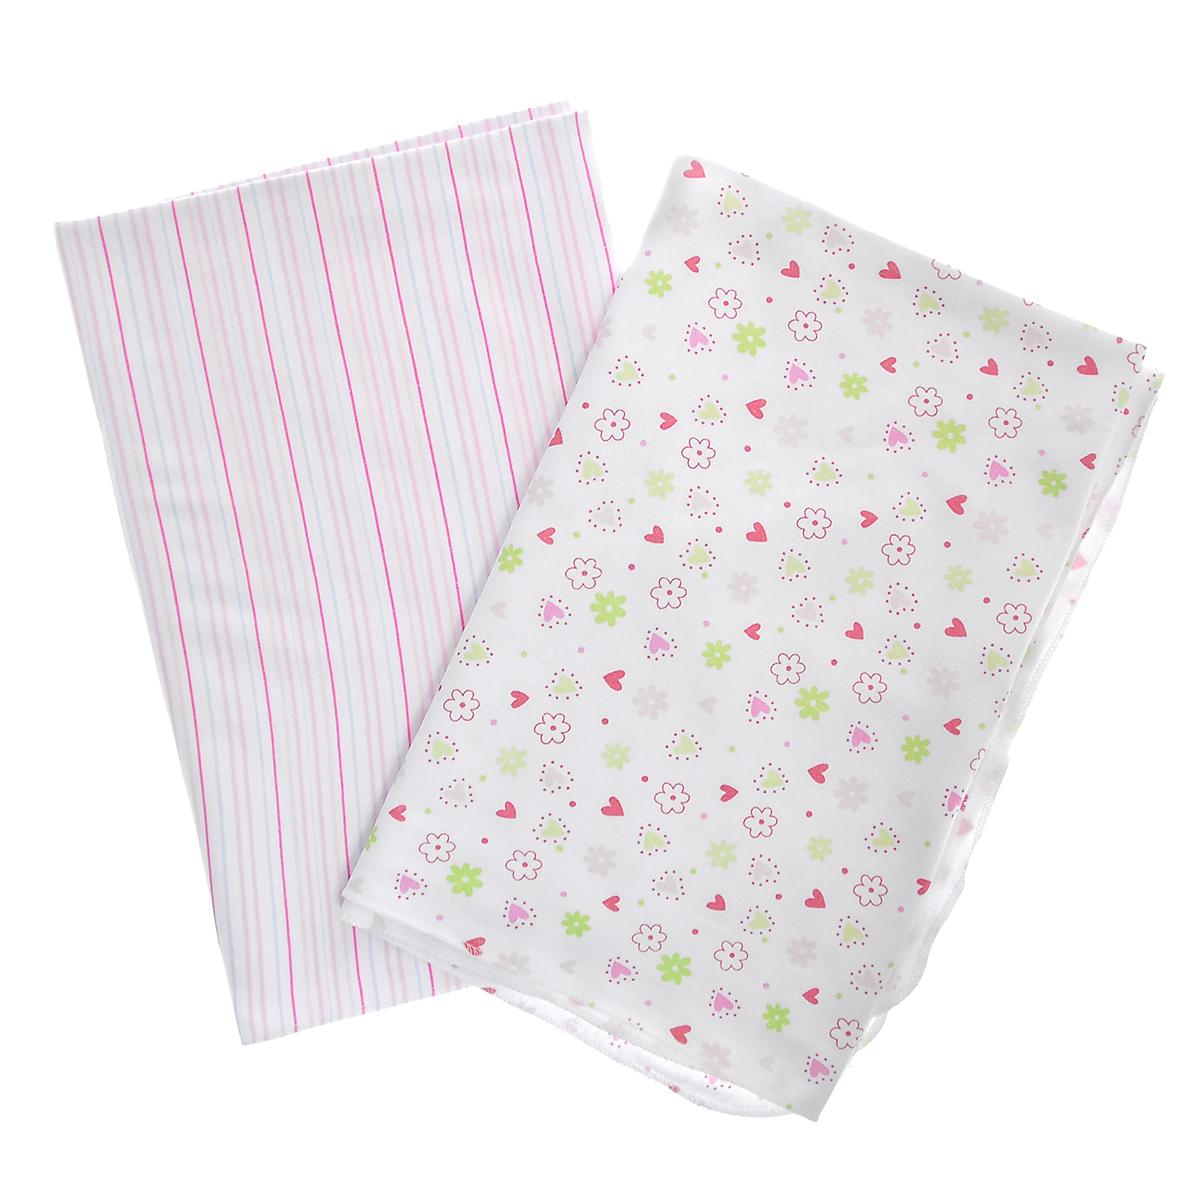 Набор пеленок Spasilk Цветочки, для девочек, цвет: розовый, 76 см х 101 см, 2 штRB SWAD 03Набор пеленок для новорожденной Spasilk Цветочки станет незаменимым помощником в уходе за ребенком. Пеленку также можно использовать как легкое одеяло, простынку, полотенце после купания, солнечный козырек, накидку для кормления грудью или как согревающий компресс при коликах. Пеленки изготовлены из стопроцентного хлопка, благодаря чему они мягкие, приятные на ощупь и абсолютно безопасны для малыша. В набор входят две пеленки: в голубую, розовую и лиловую полоски и оформленная изображениями цветочков и сердечек.